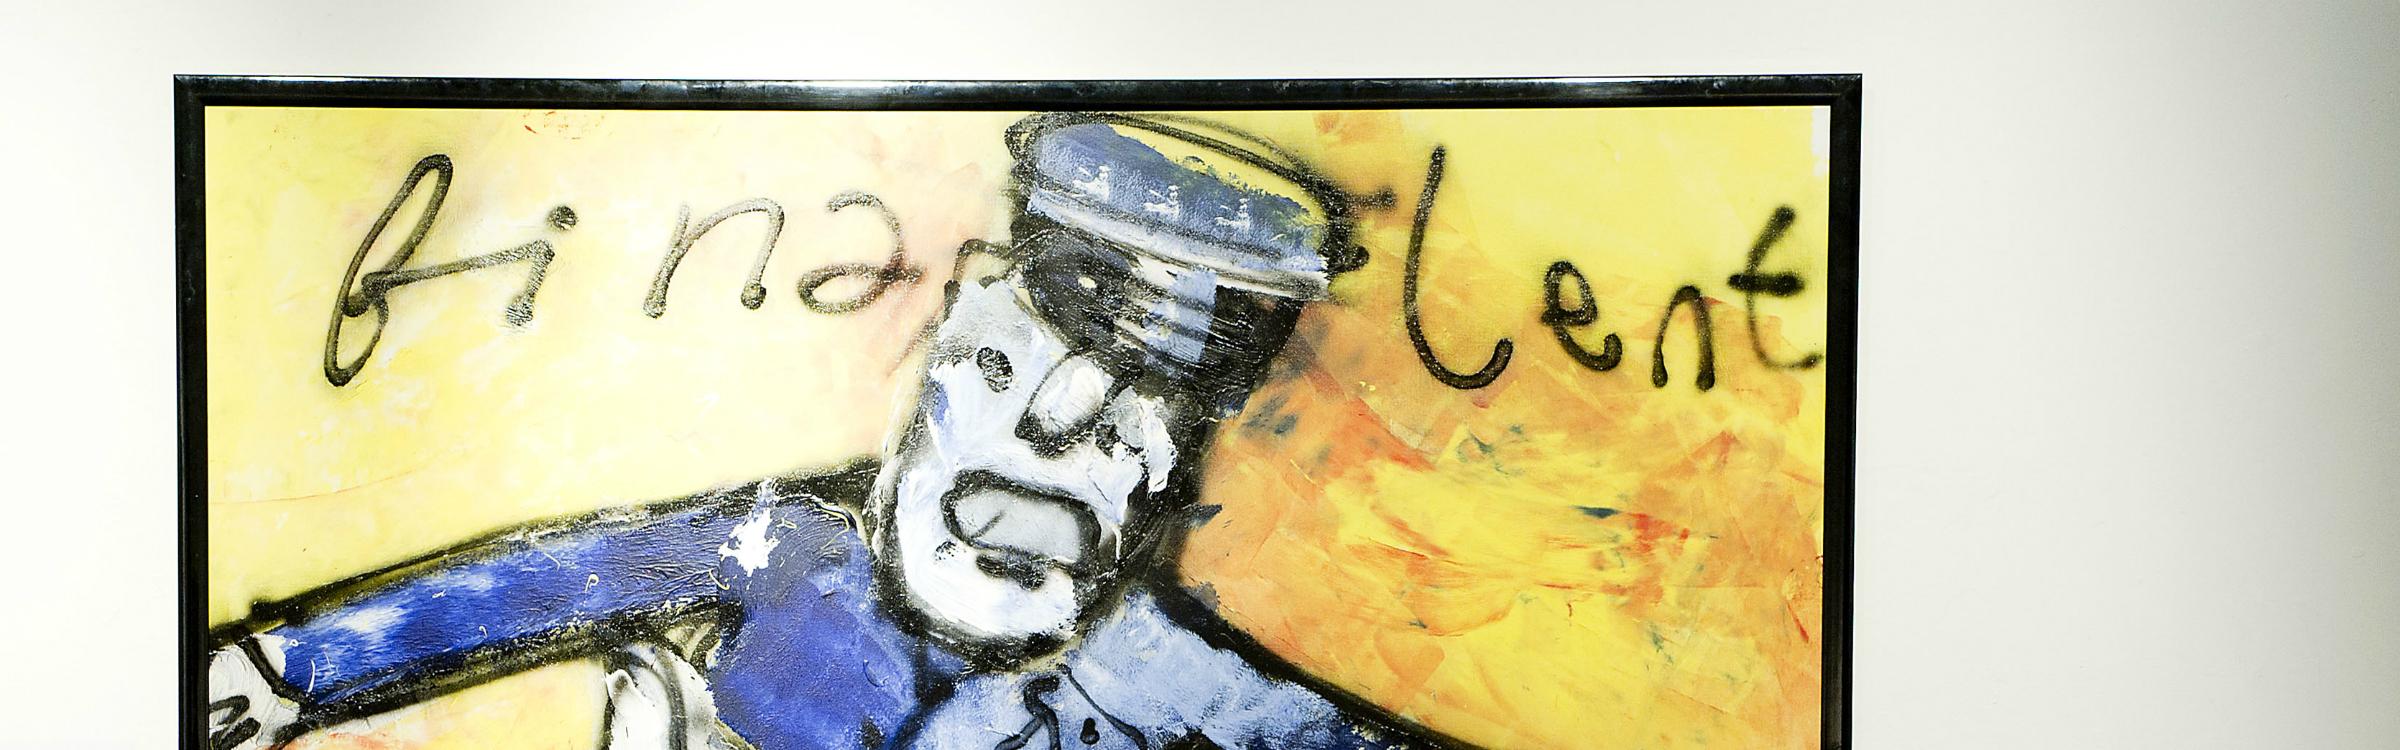 Hermanbrood schilderij.jpg header